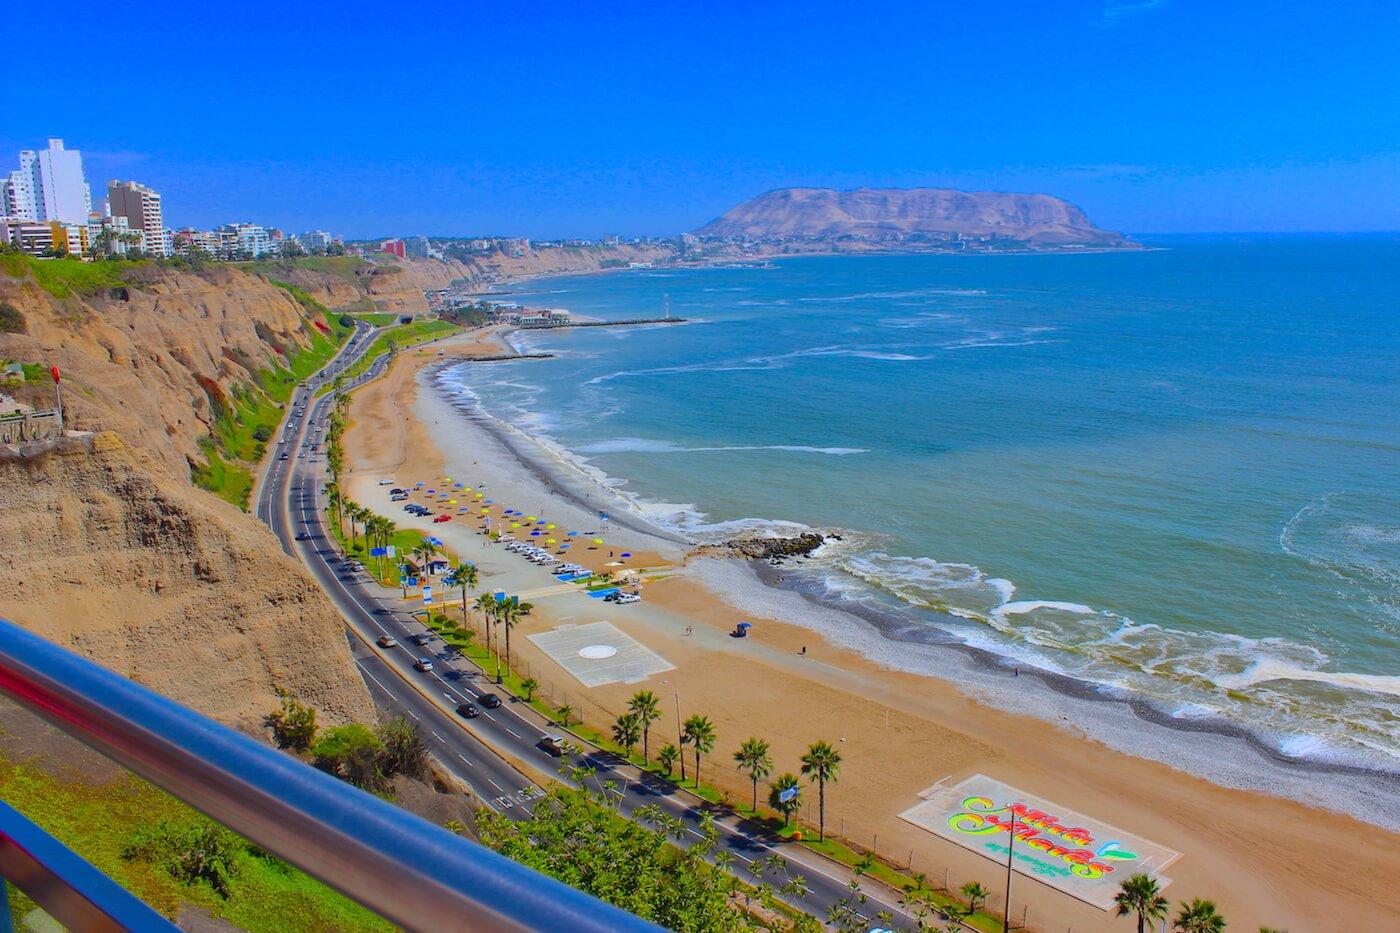 miraflores coastline